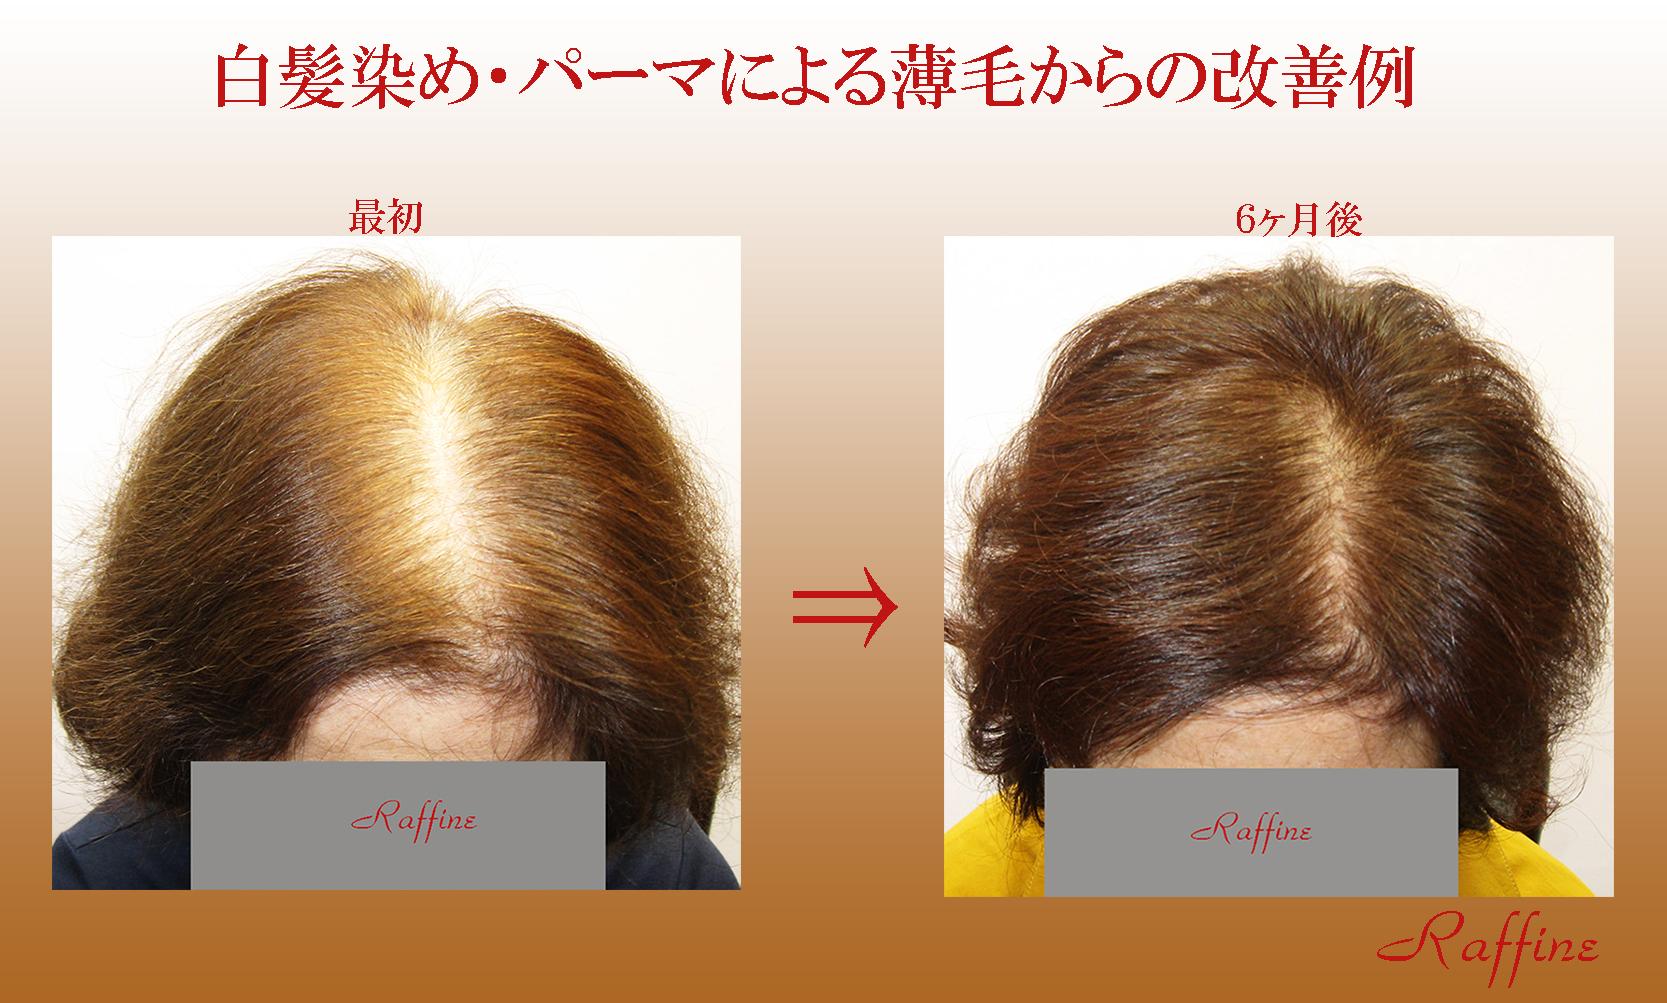 白髪染め・パーマによる薄毛からの改善例3